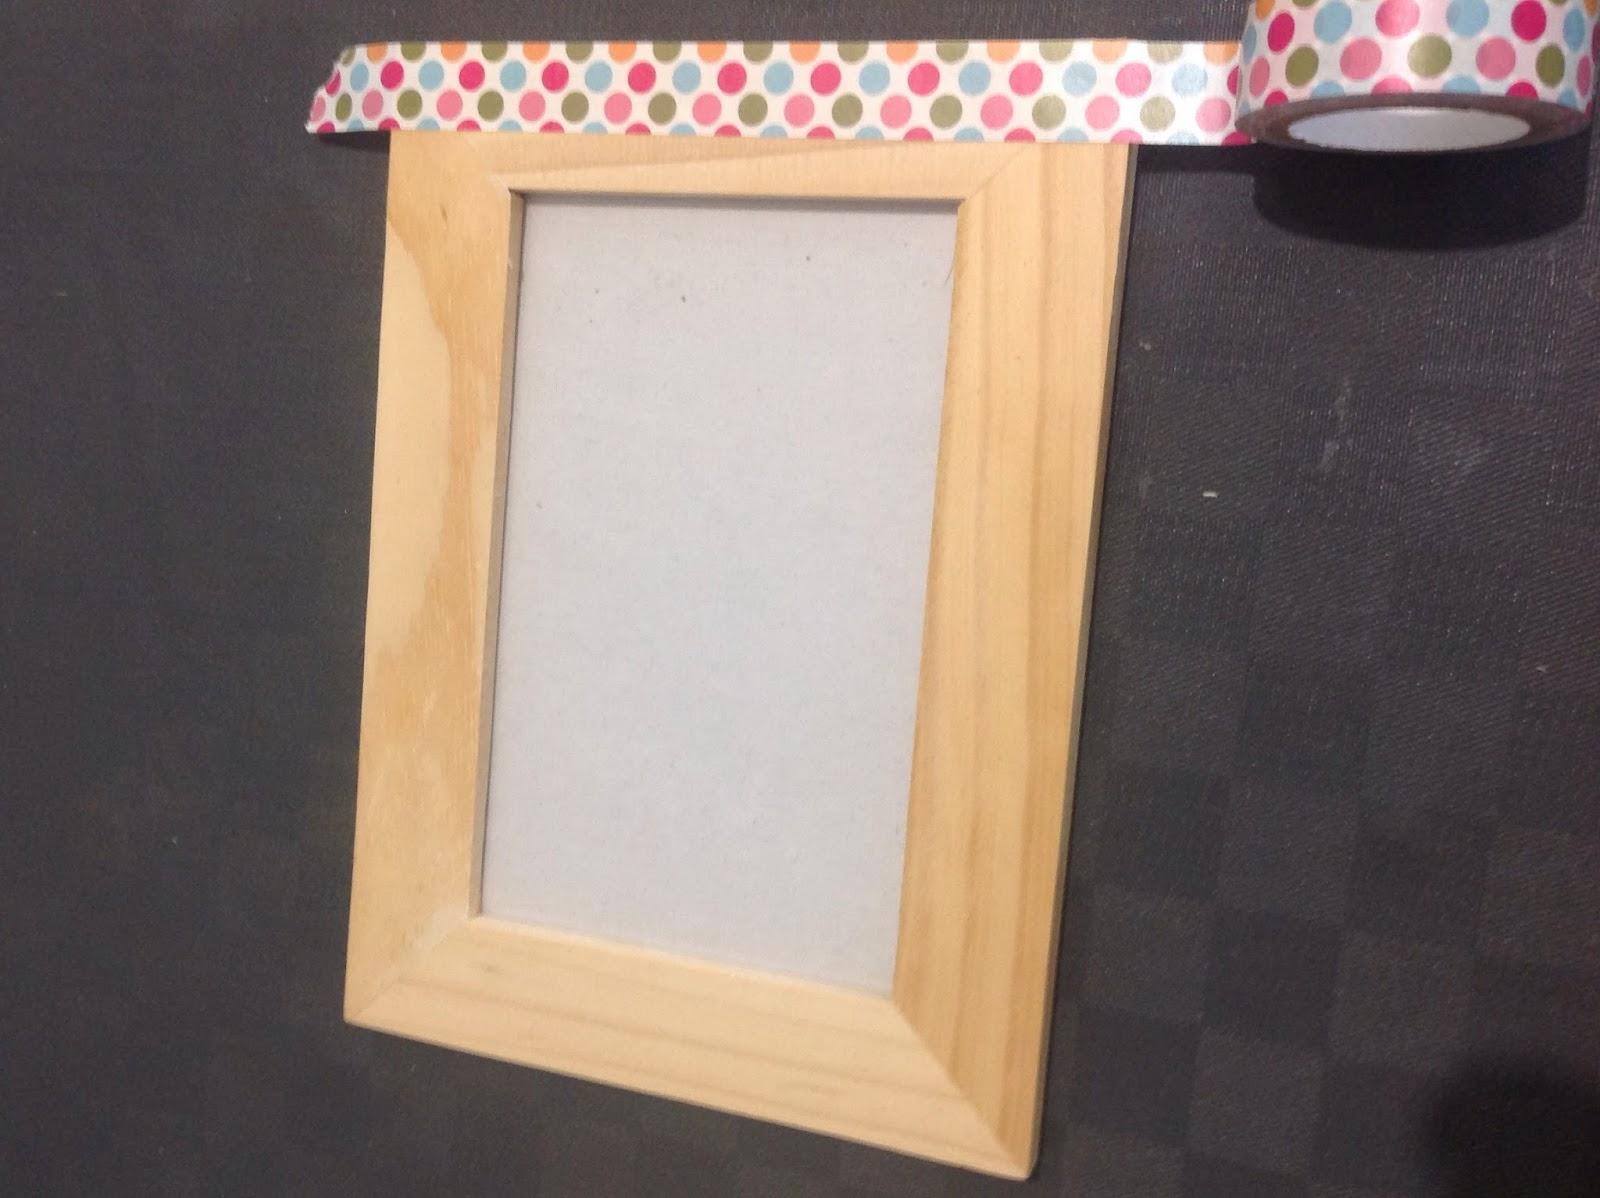 Fabriquer Un Pele Mele cédaudalice : tuto déco: fabriquer un cadre photo pêle-mêle